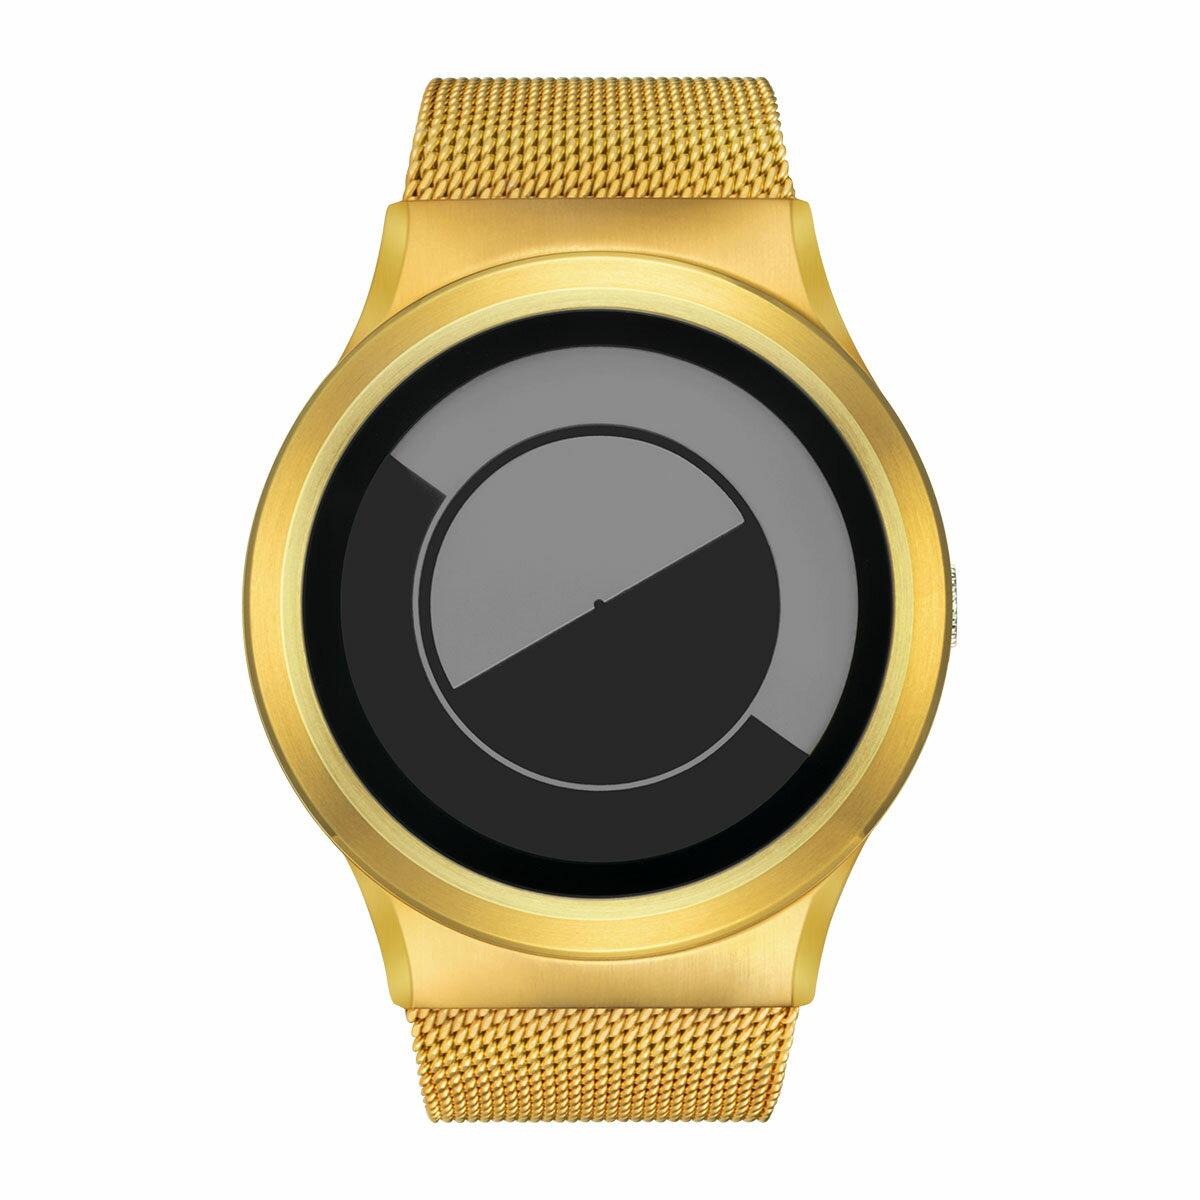 ZEROO QUARTER MOON ゼロ 電池式クォーツ 腕時計 [W08035B04SM04] グレイ デザインウォッチ ペア用 メンズ レディース ユニセックス おしゃれ時計 デザイナーズ